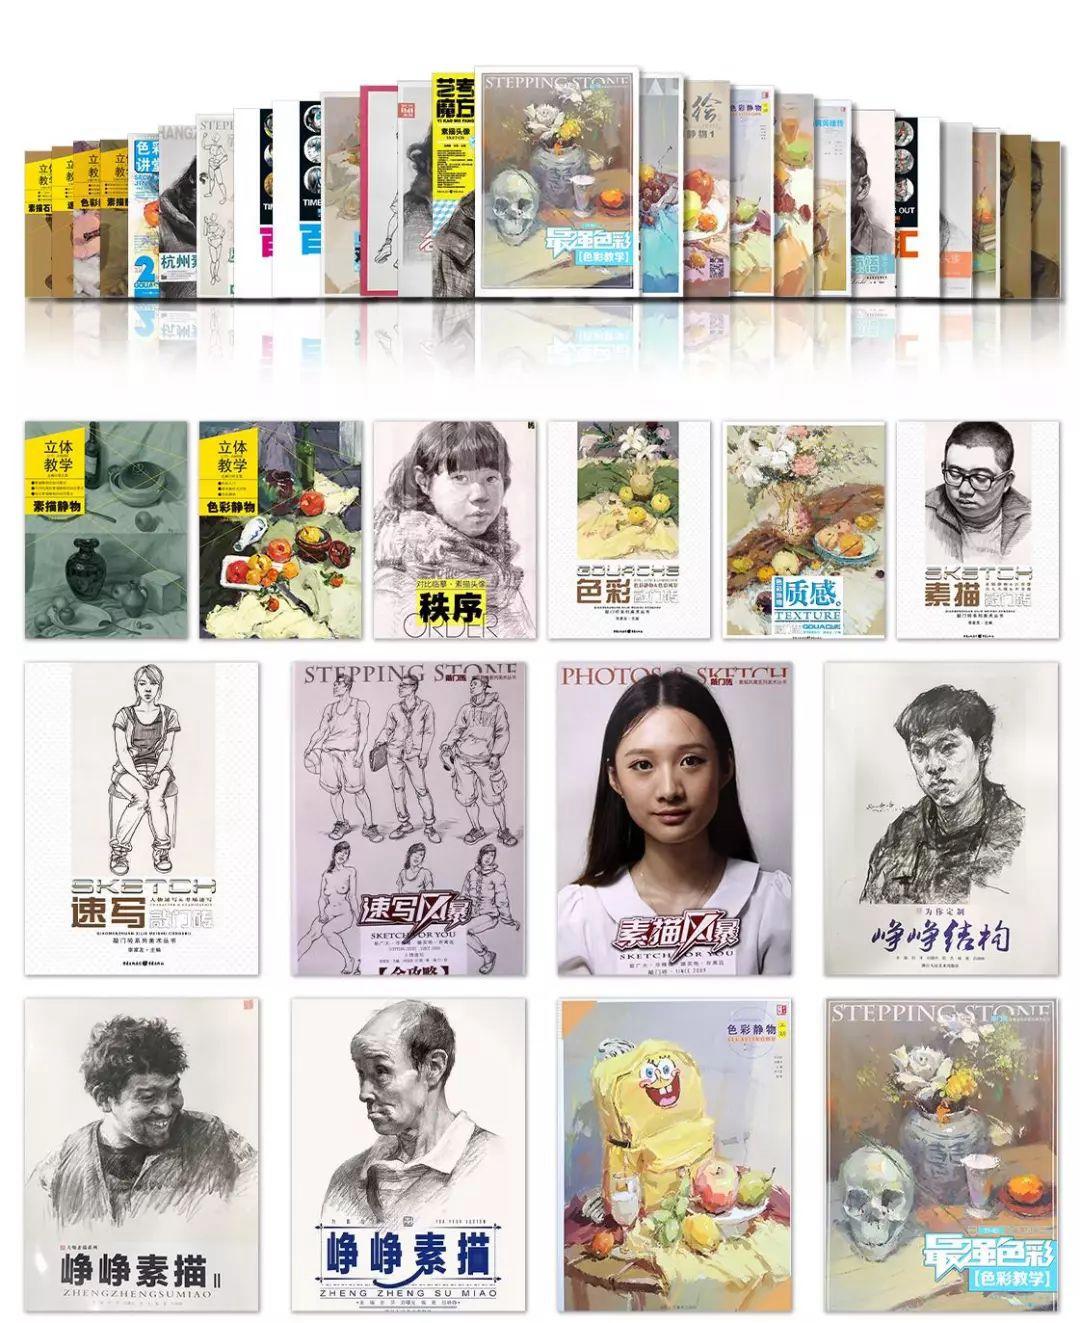 成都荷马校区-老师的出版的美术书籍